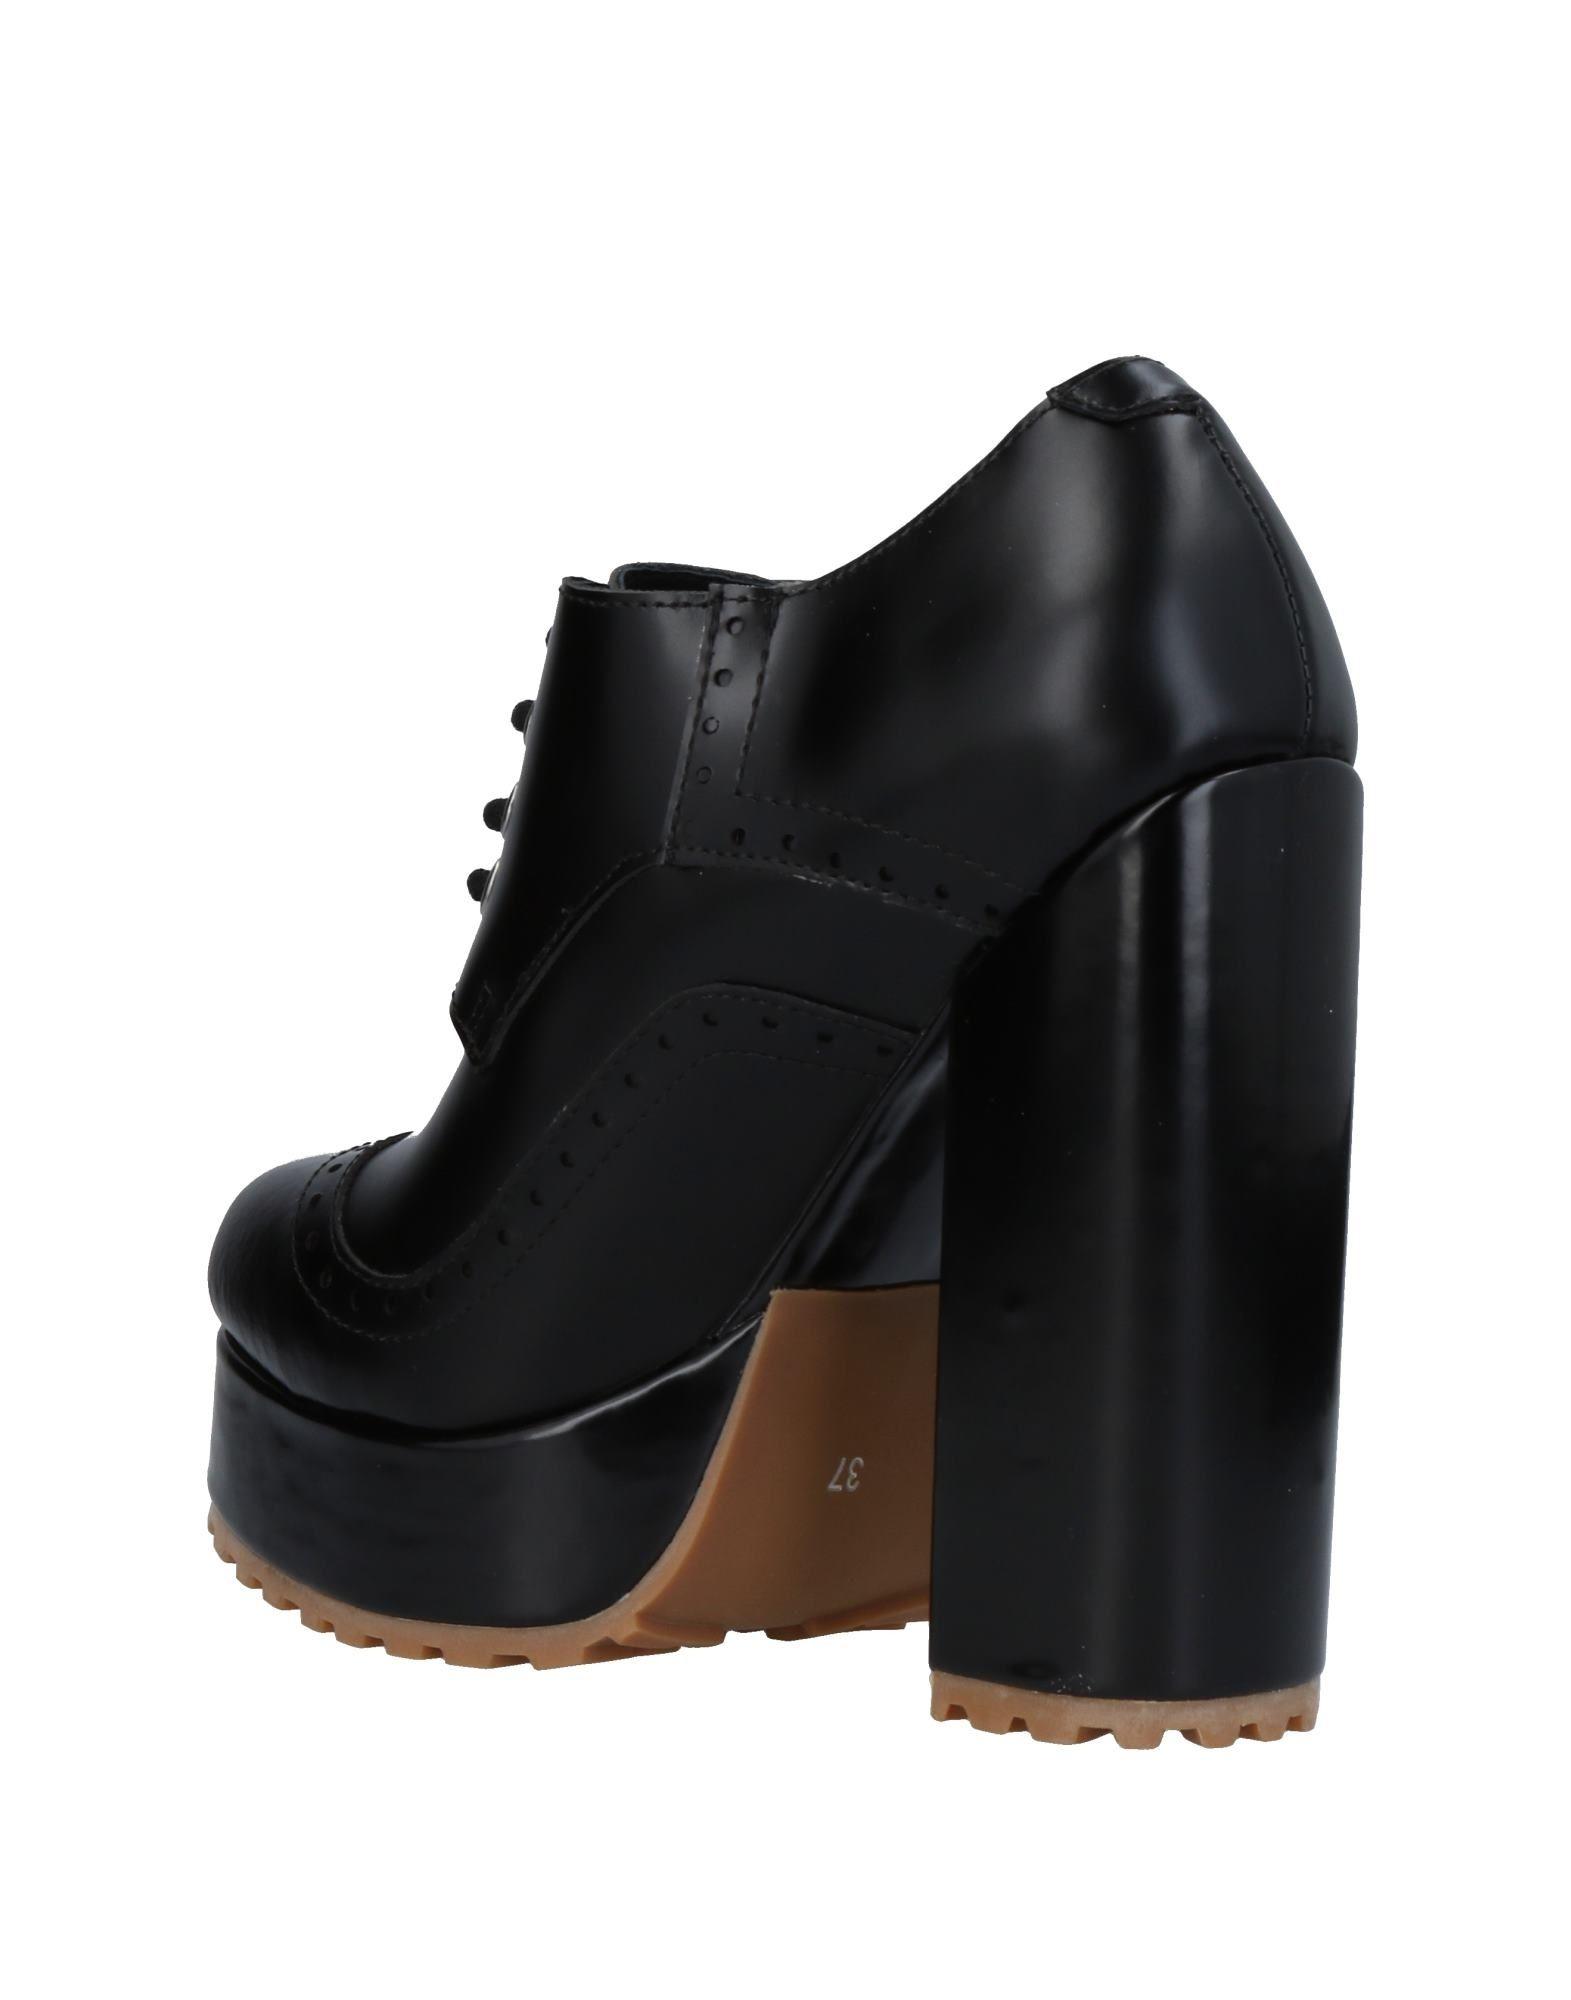 Jeffrey Campbell Schnürschuhe Damen  11442816VD Gute Qualität beliebte Schuhe